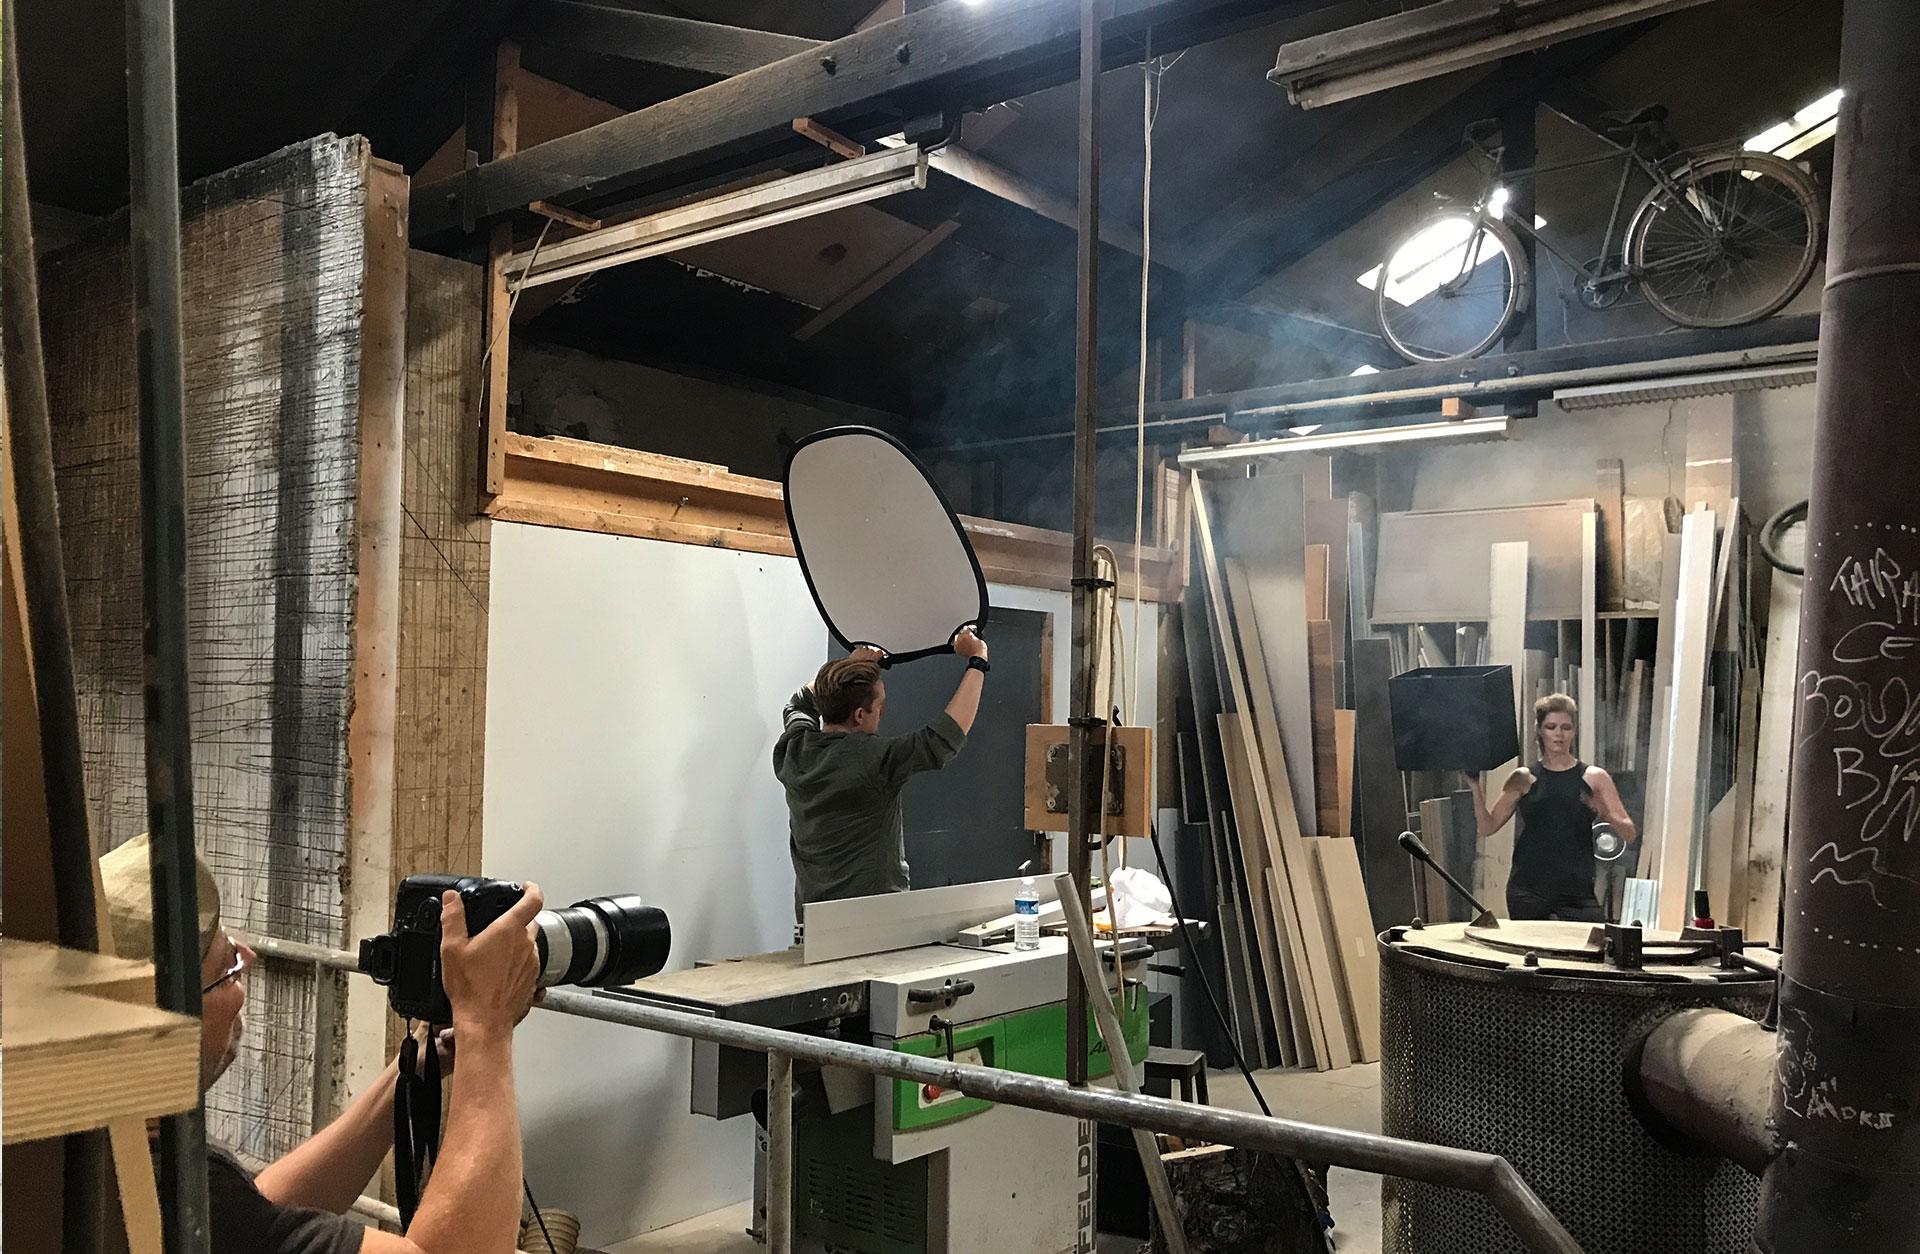 Mats Bäcker fotograferar Barbara som poserar med den svarta lådan i en hand. Linus håller en reflektor. miljön är stökig.